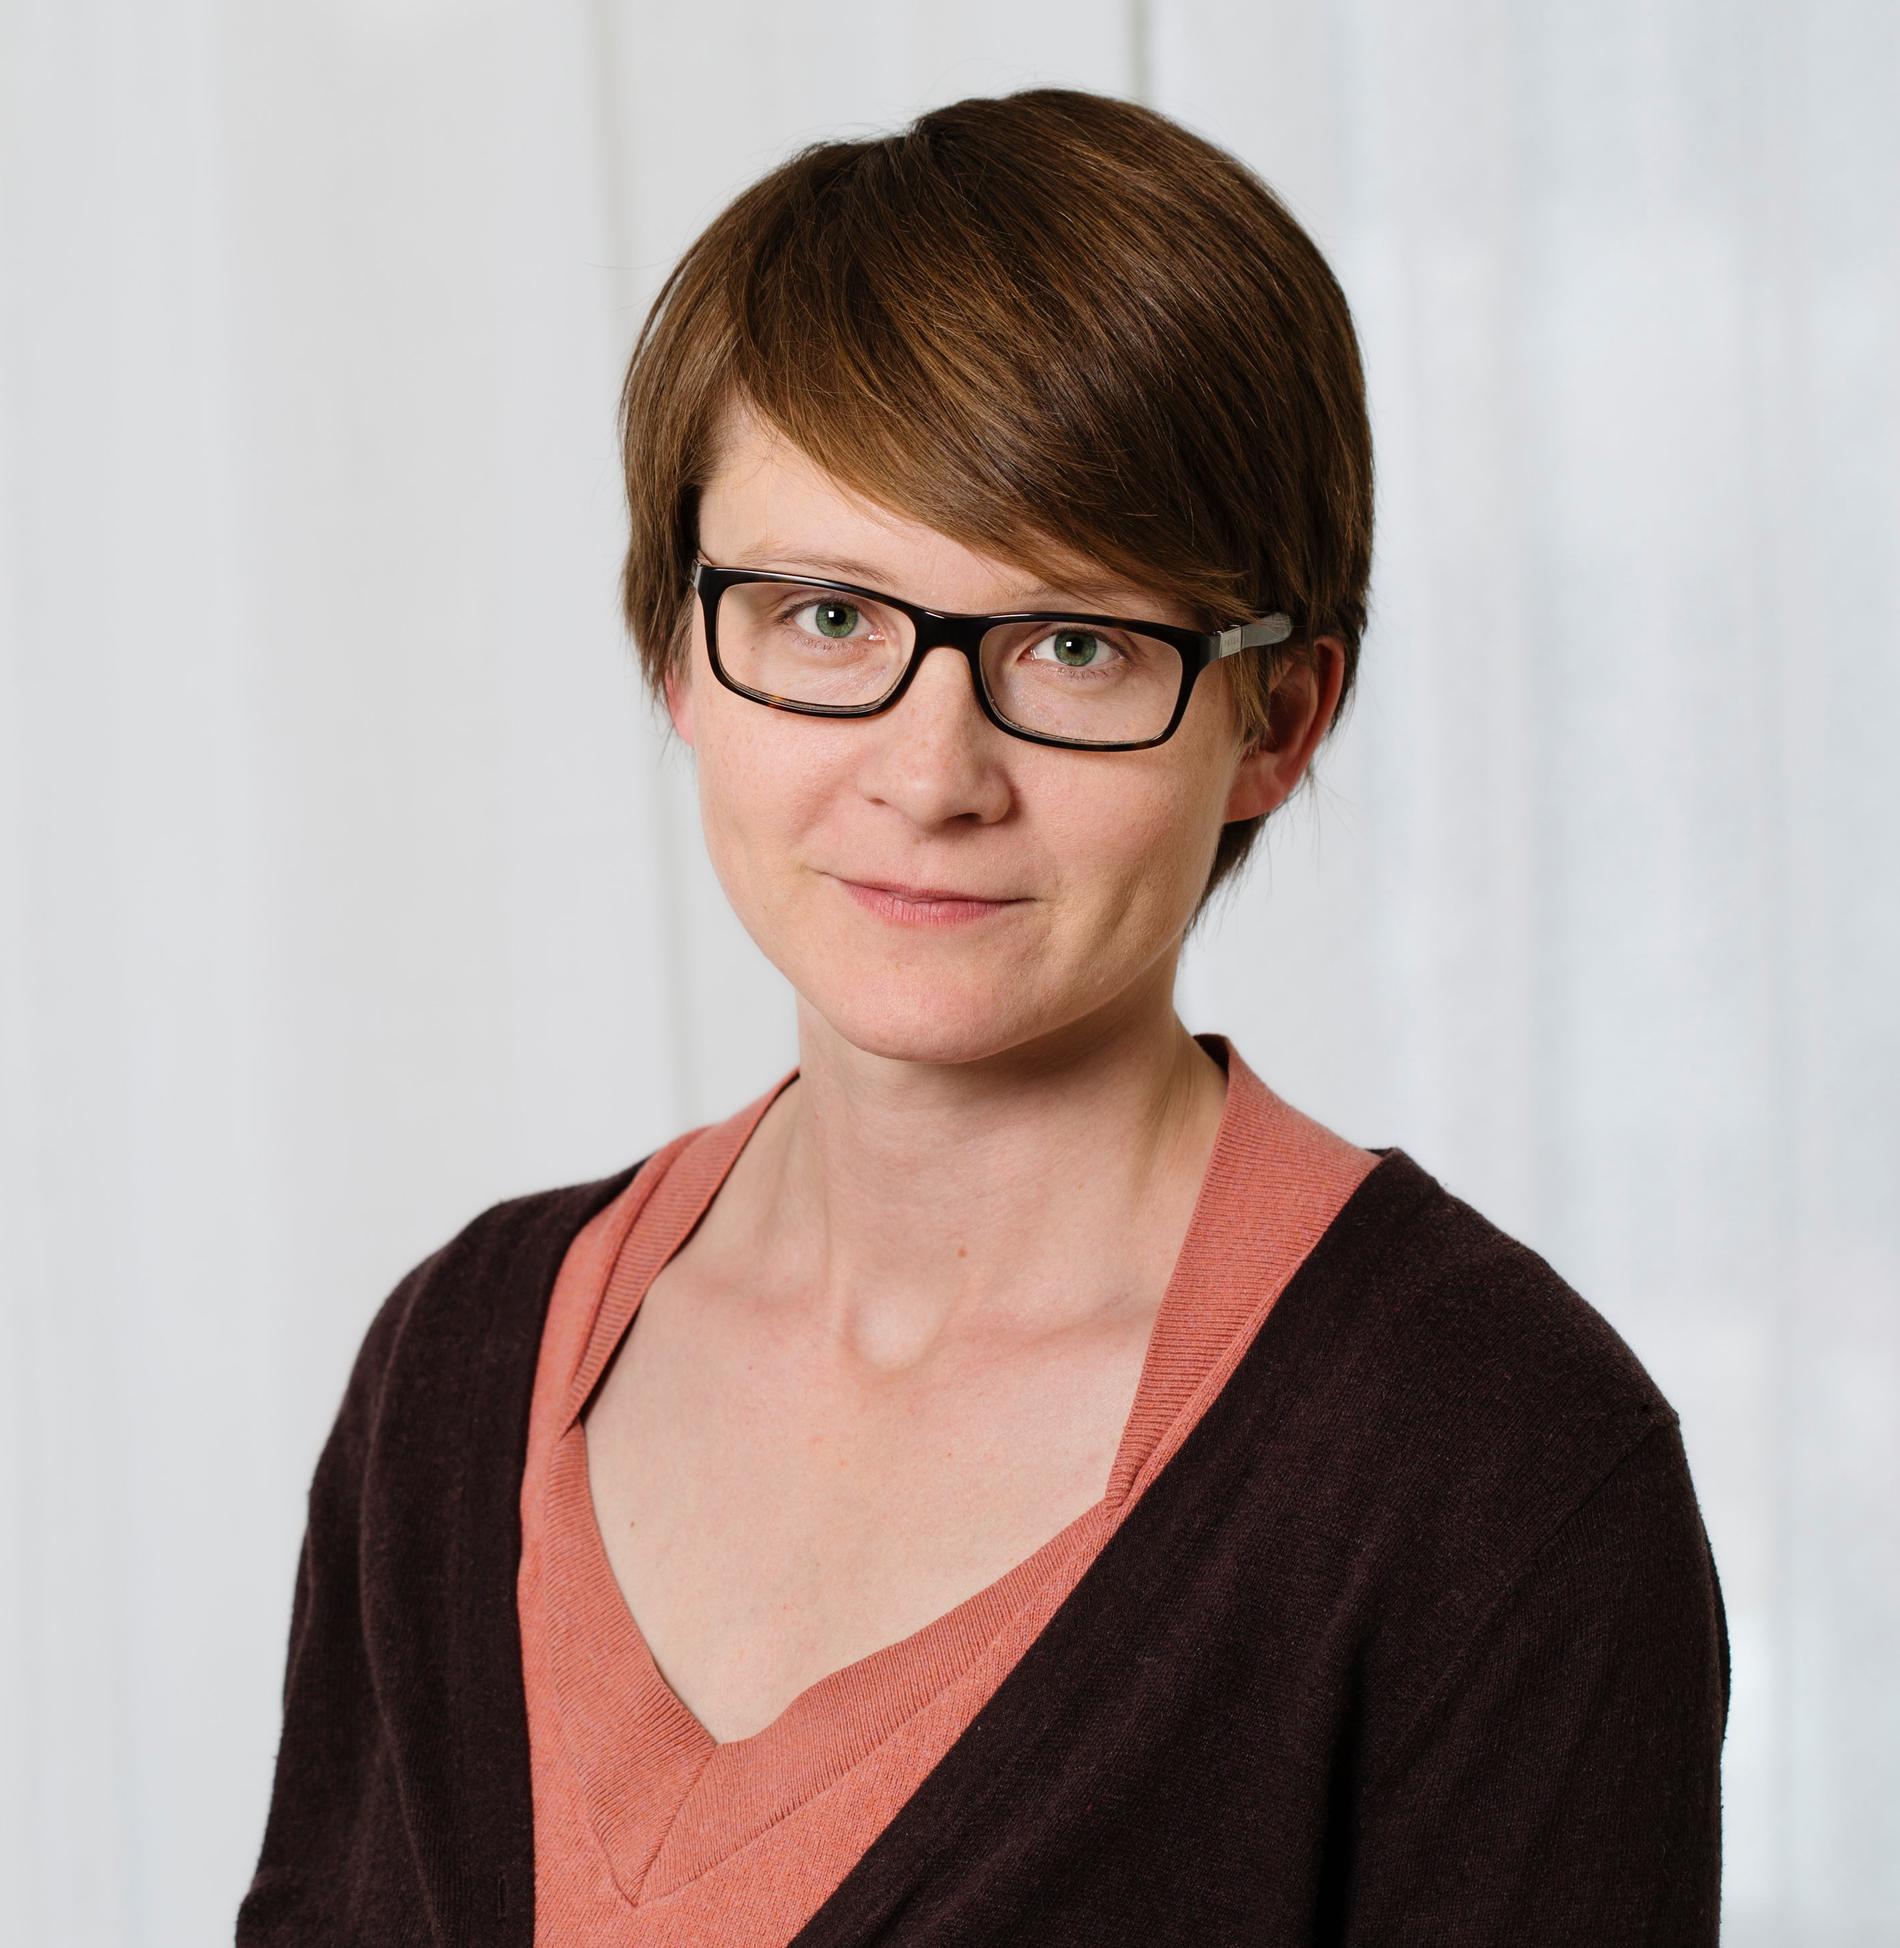 AnnaSara Carnahan, epidemiolog på Folkhälsomyndigheten, bevakar spridningen av RS-virus som ökat under sommaren som vanligtvis är lågsäsong. Myndigheten startar nu sin heltäckande bevakning av smittspridningen tidigare än vanlig.